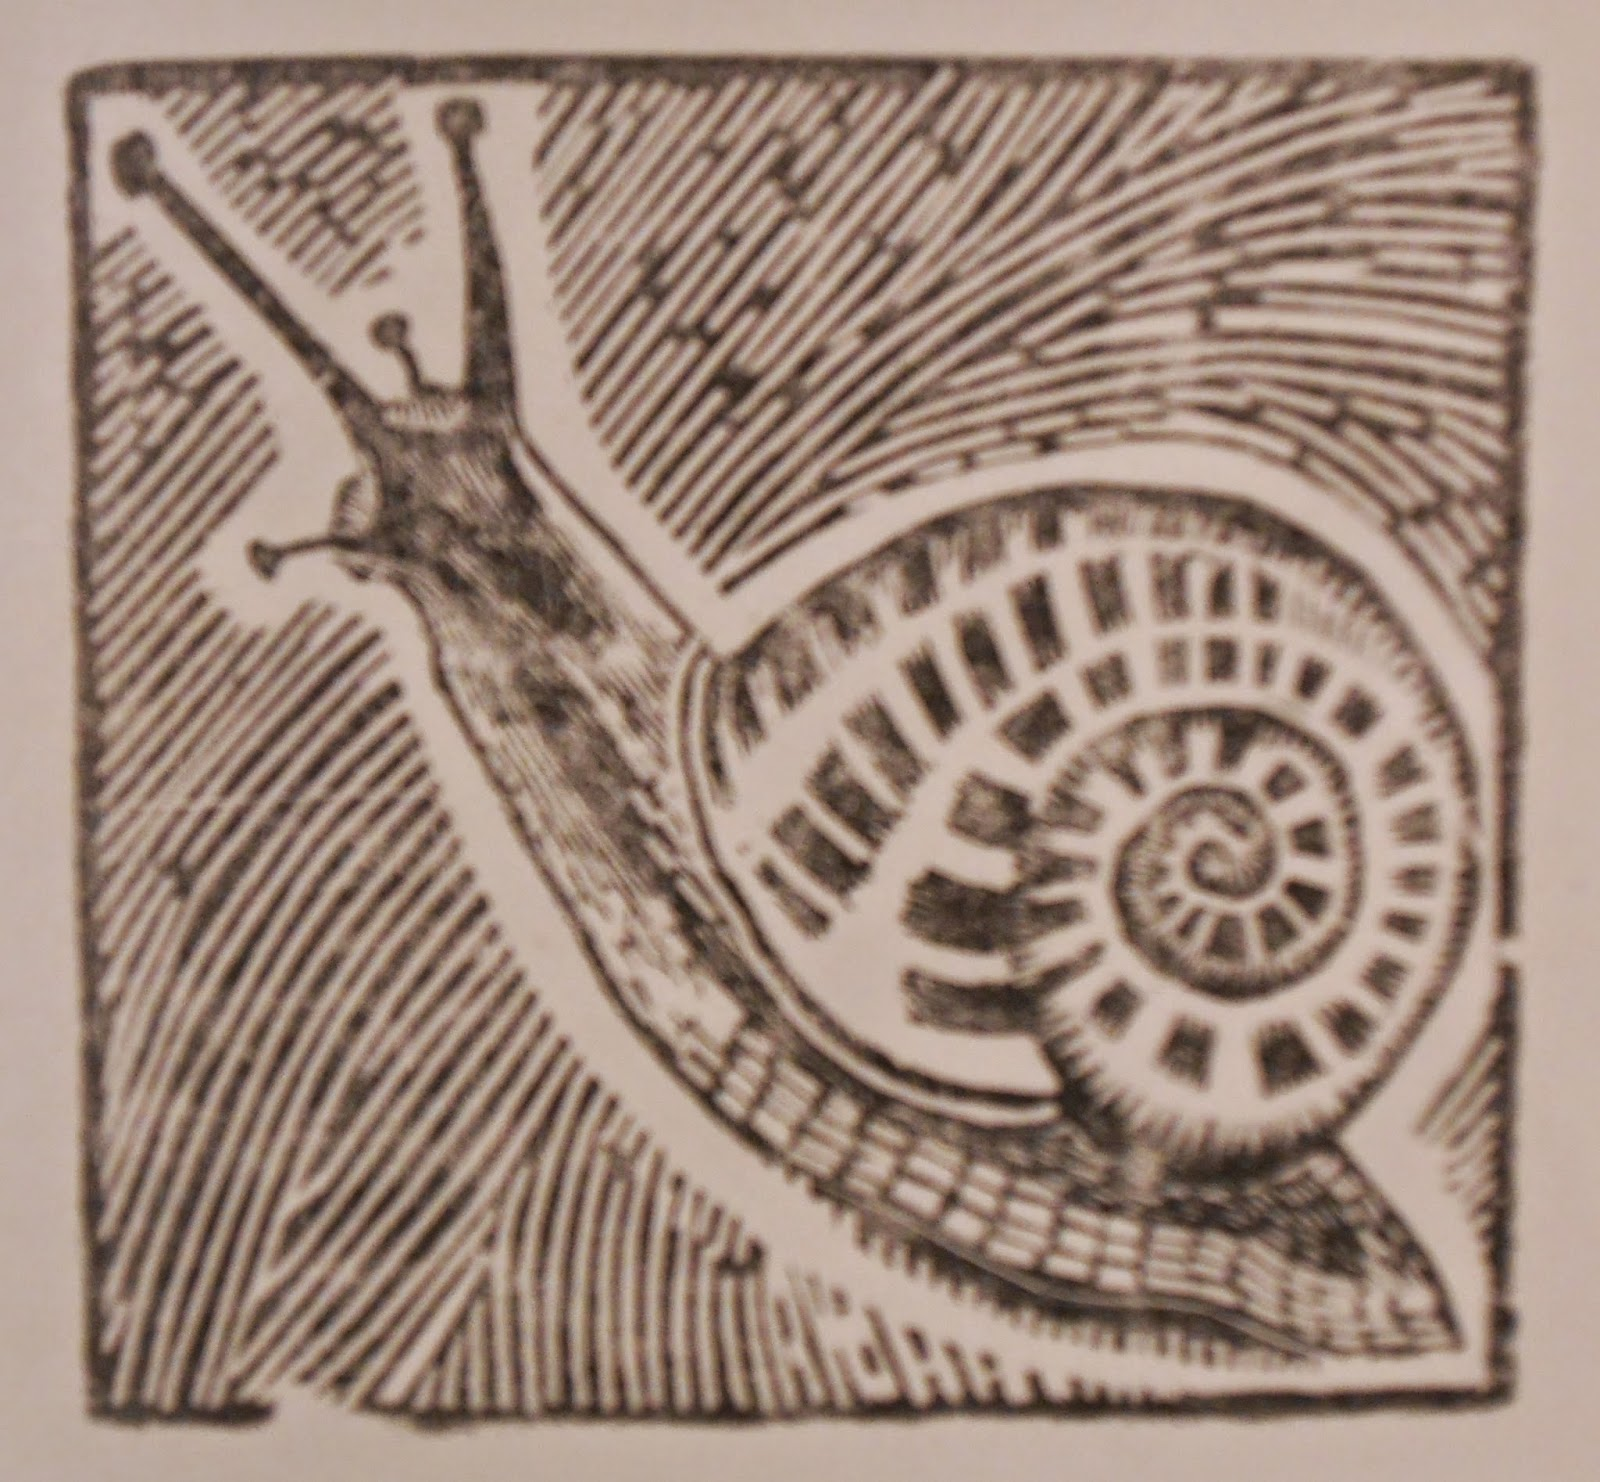 A woodcut of a snail.